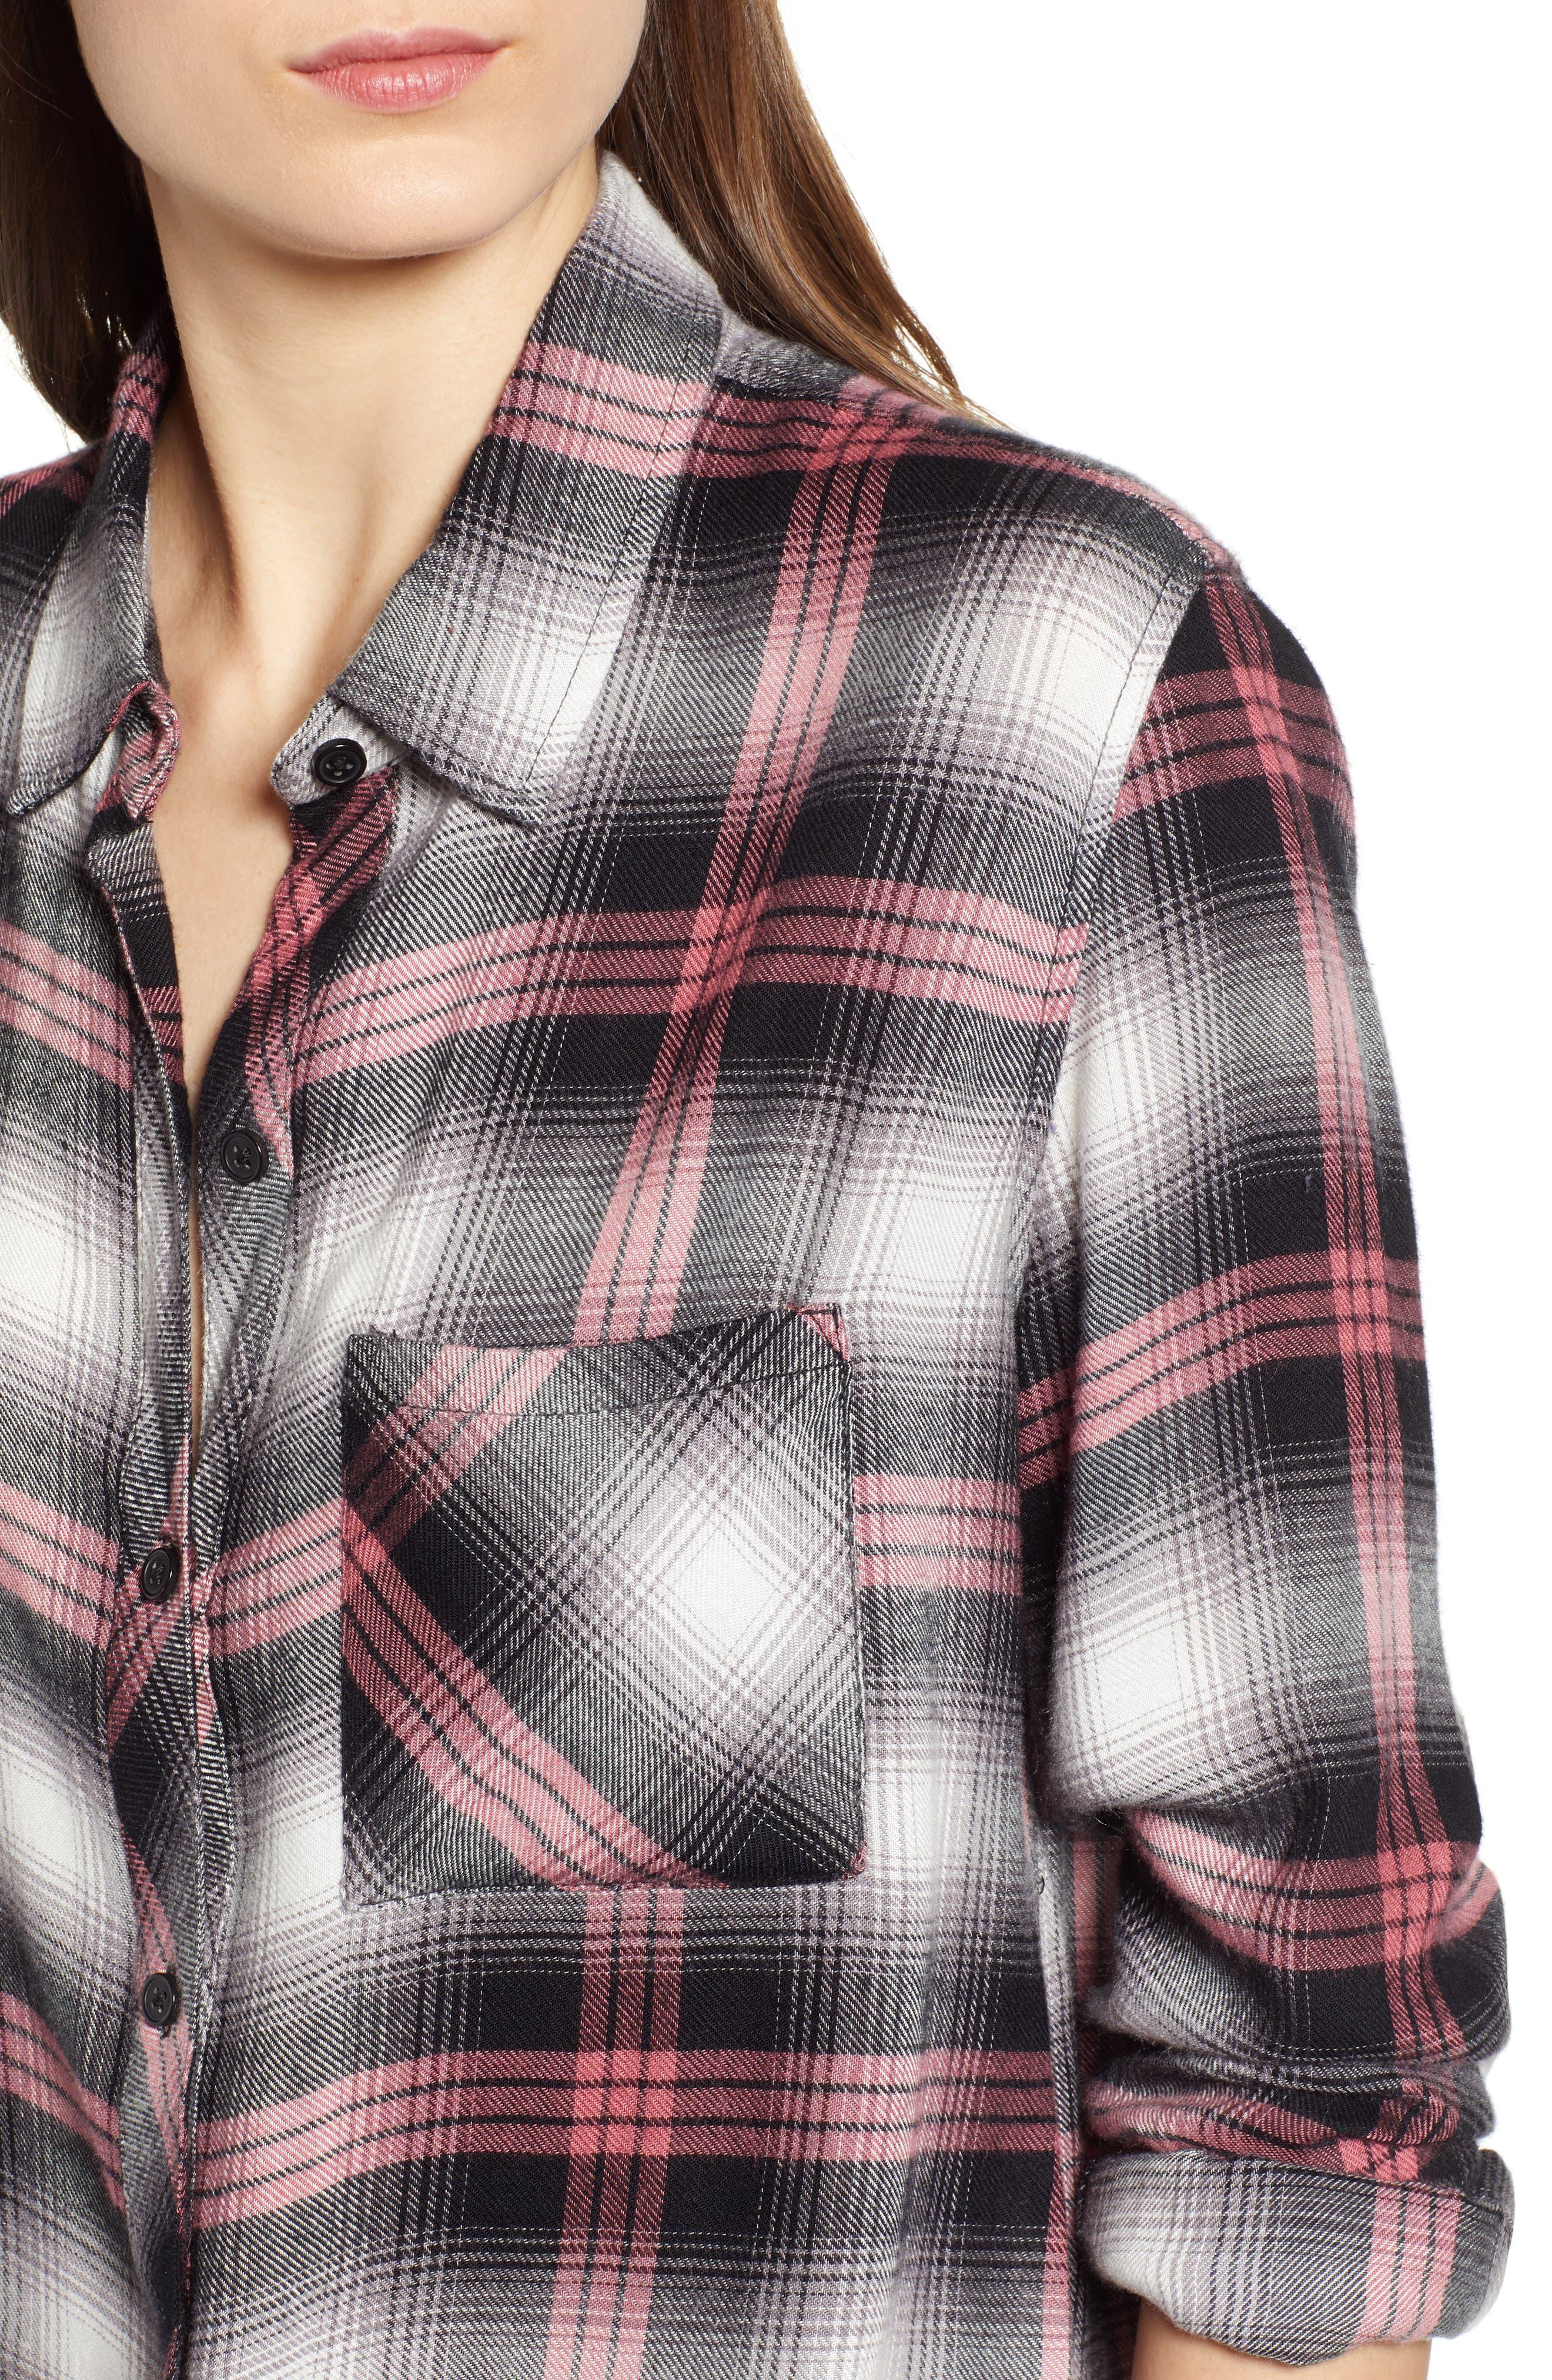 Hunter Plaid Shirt,                             Alternate thumbnail 6, color,                             BLACK TAFFY